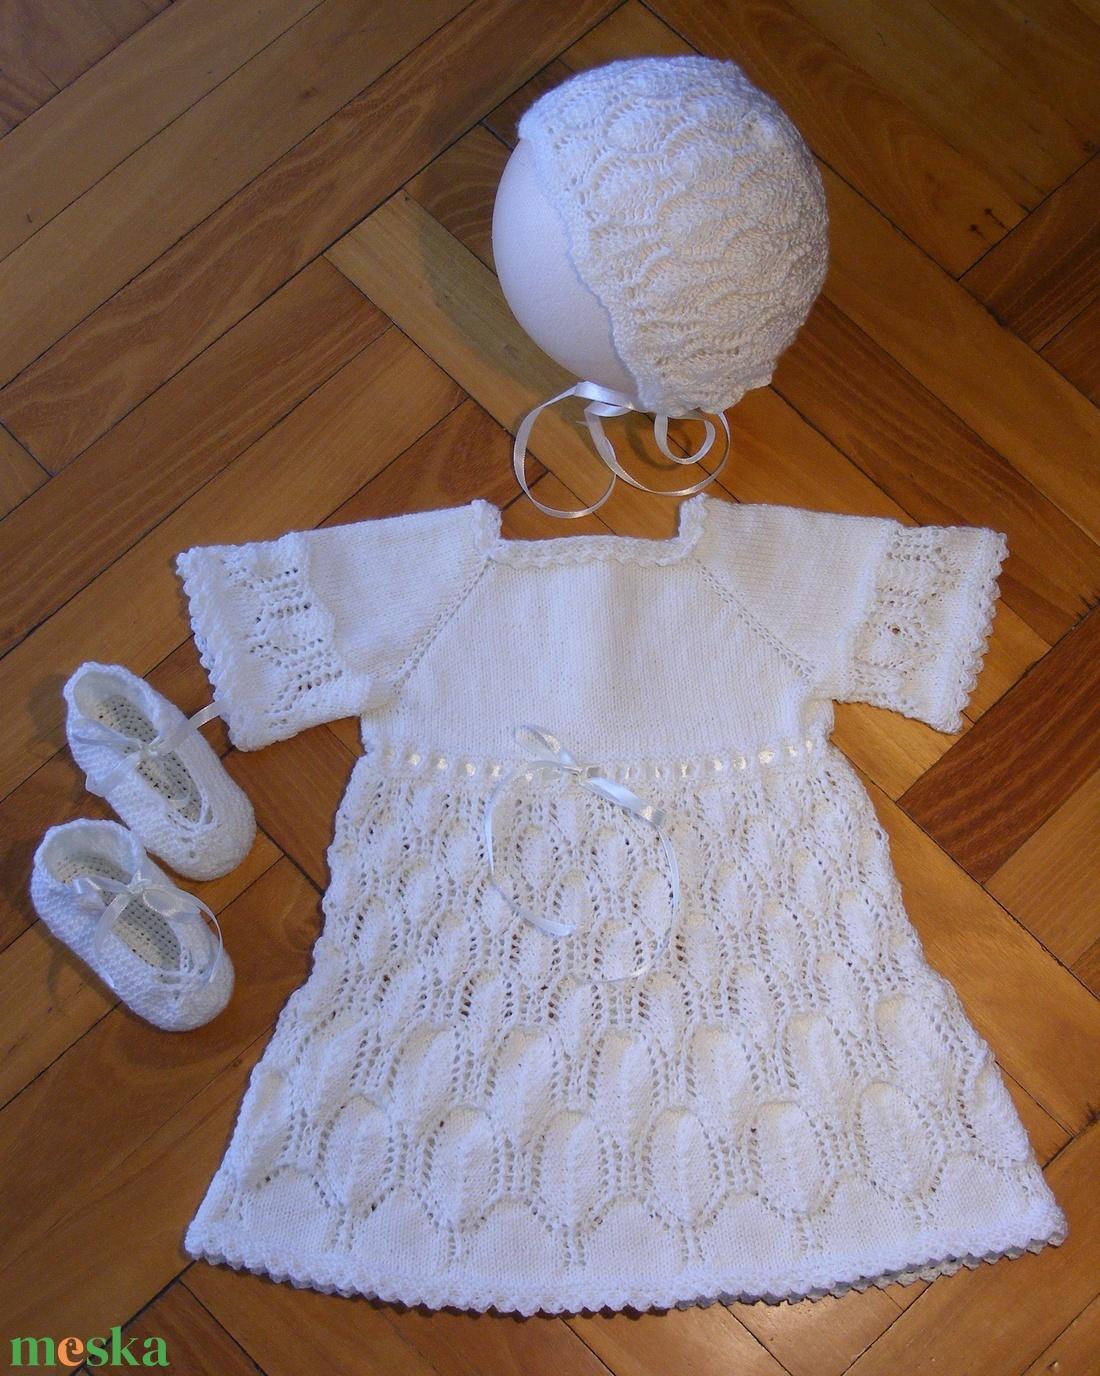 Keresztelőruha + cipő + sapka szett 0 - 6 hónapos kislánynak (Gildiko63) -  Meska.hu 336cce01da